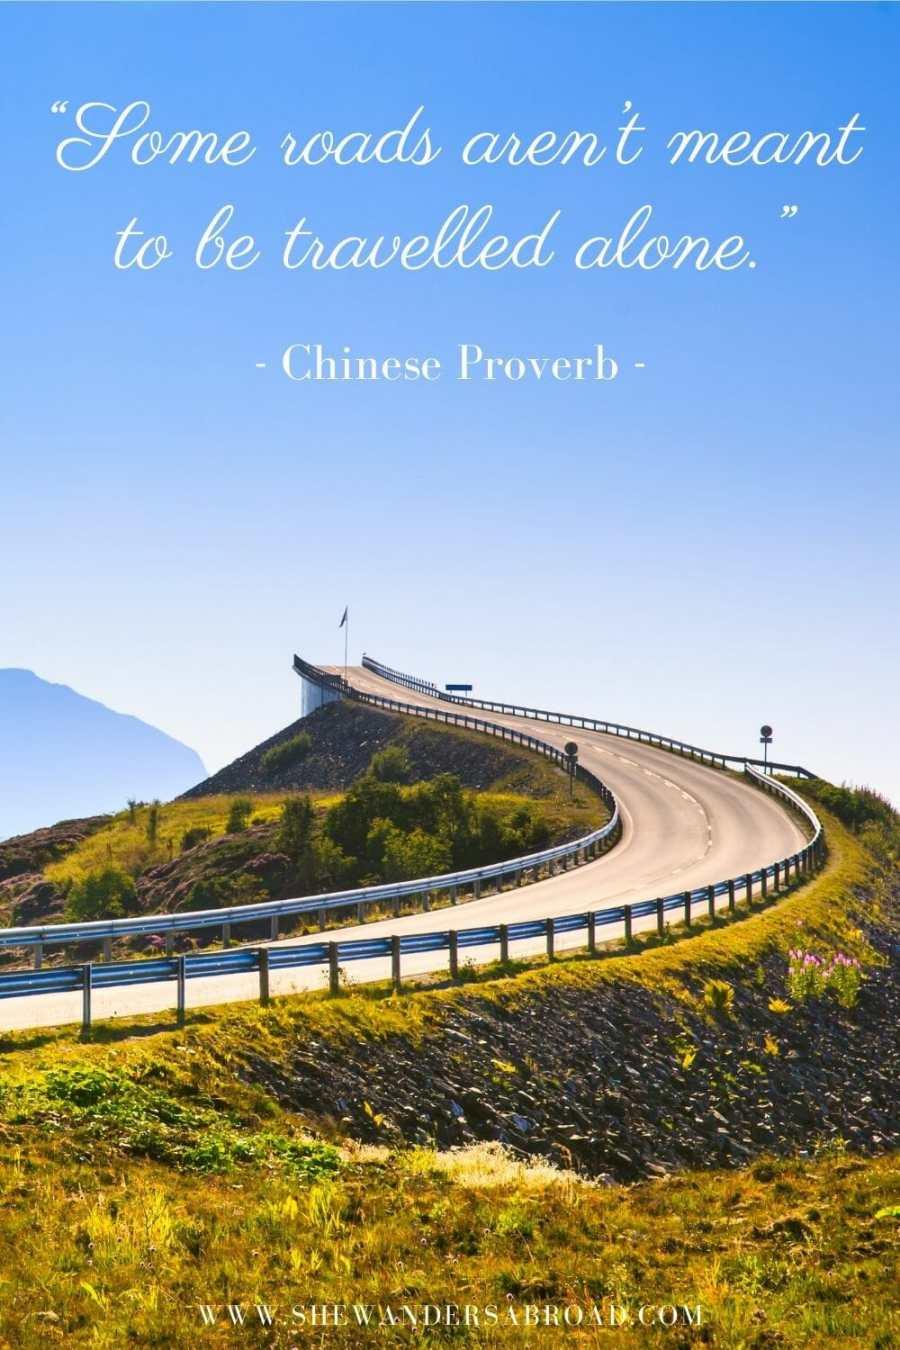 Romantic road trip love quotes